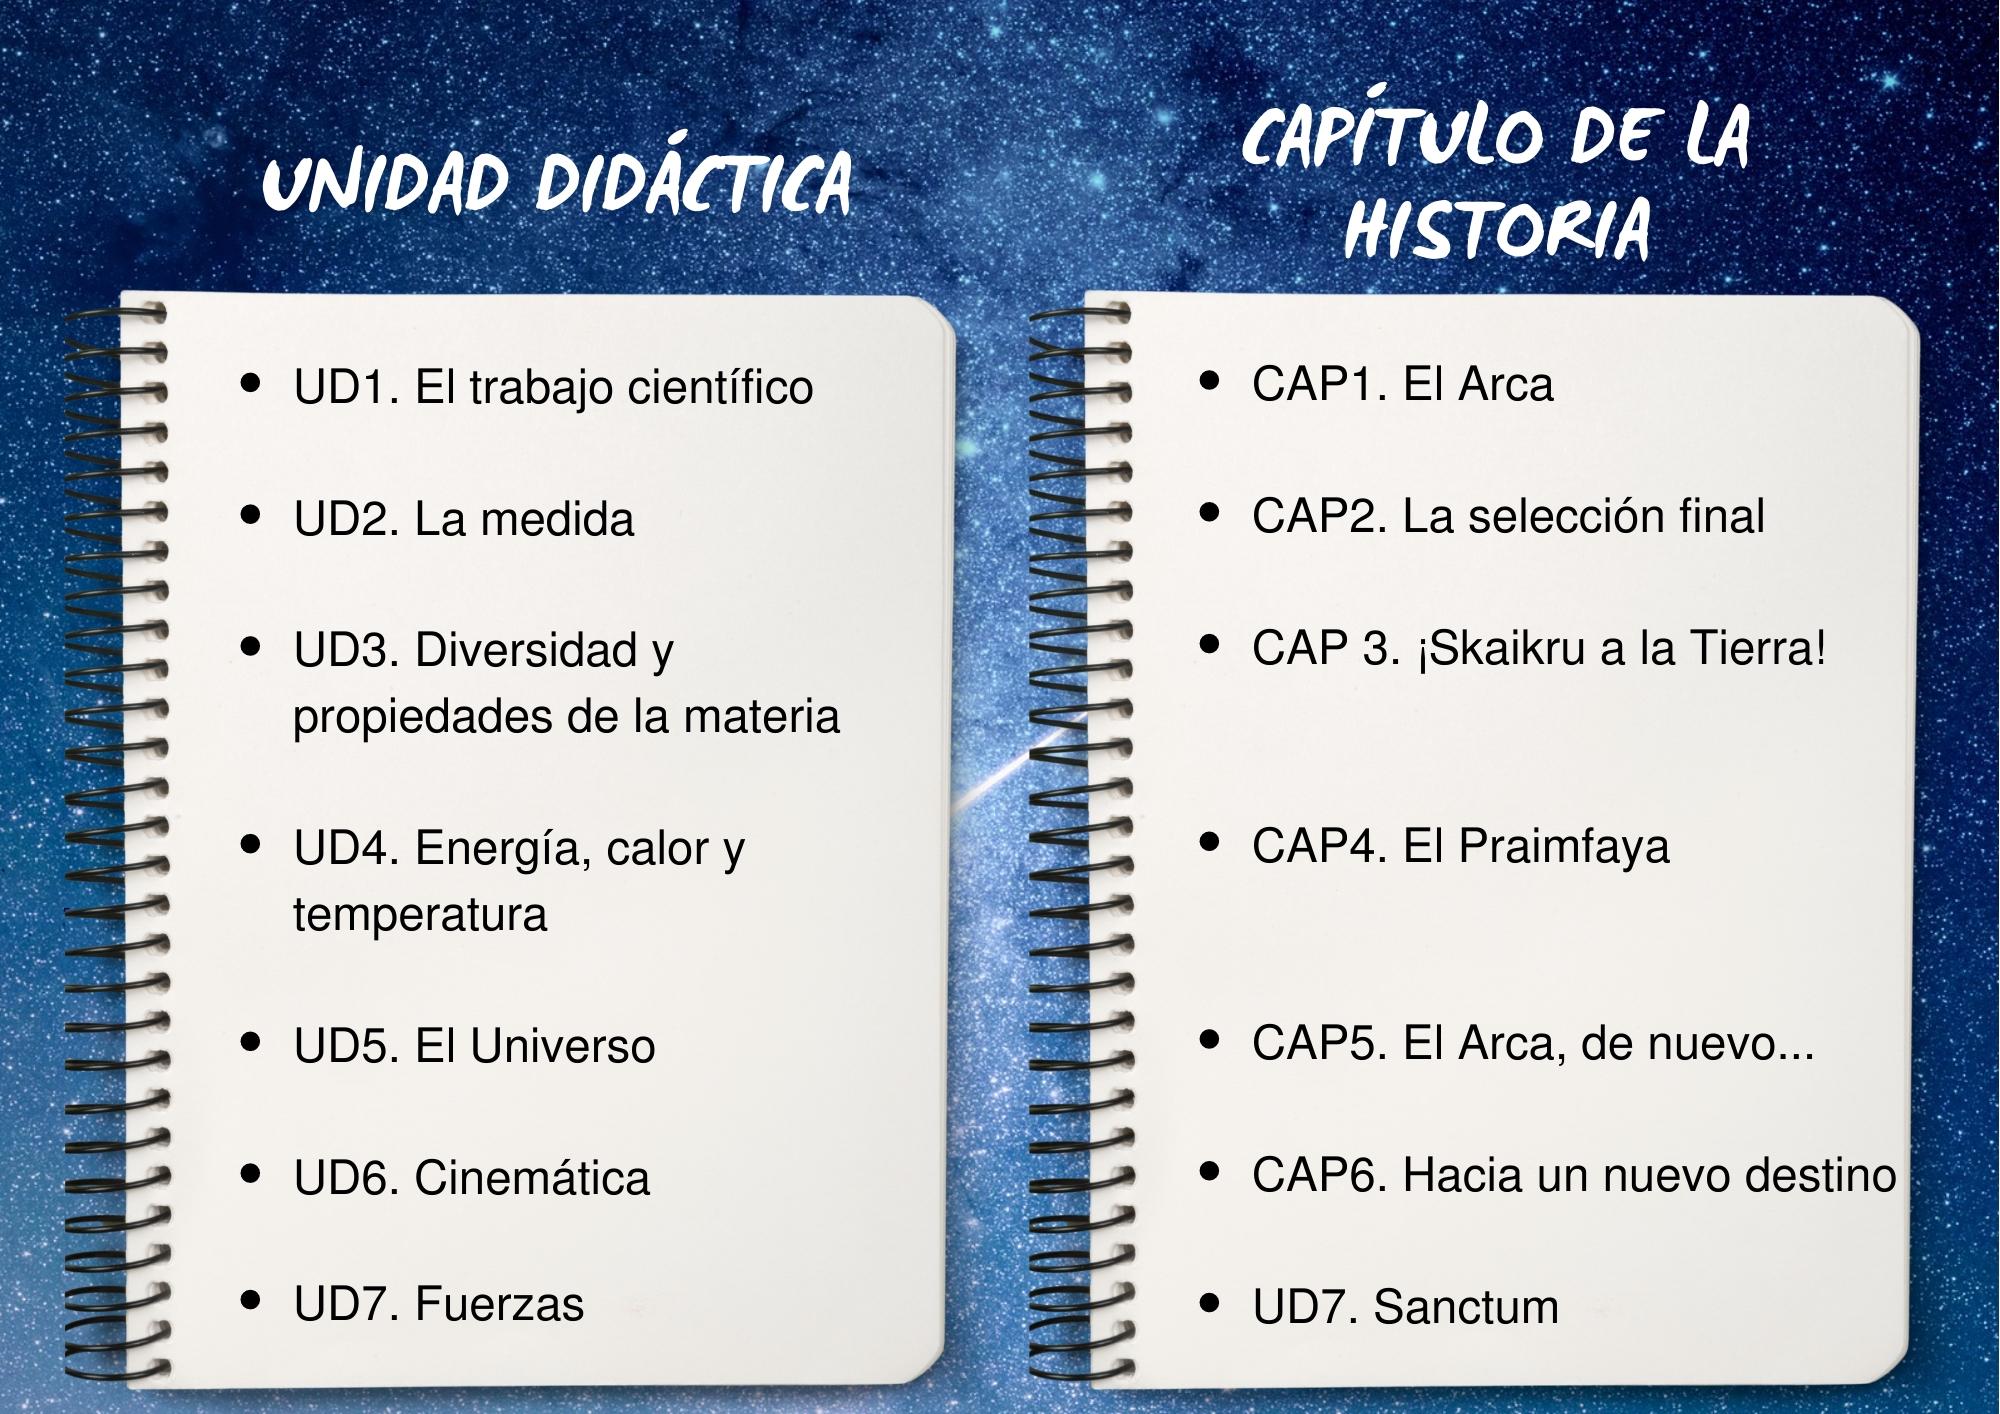 Relación entre las unidades didácticas y los capítulos de la historia.